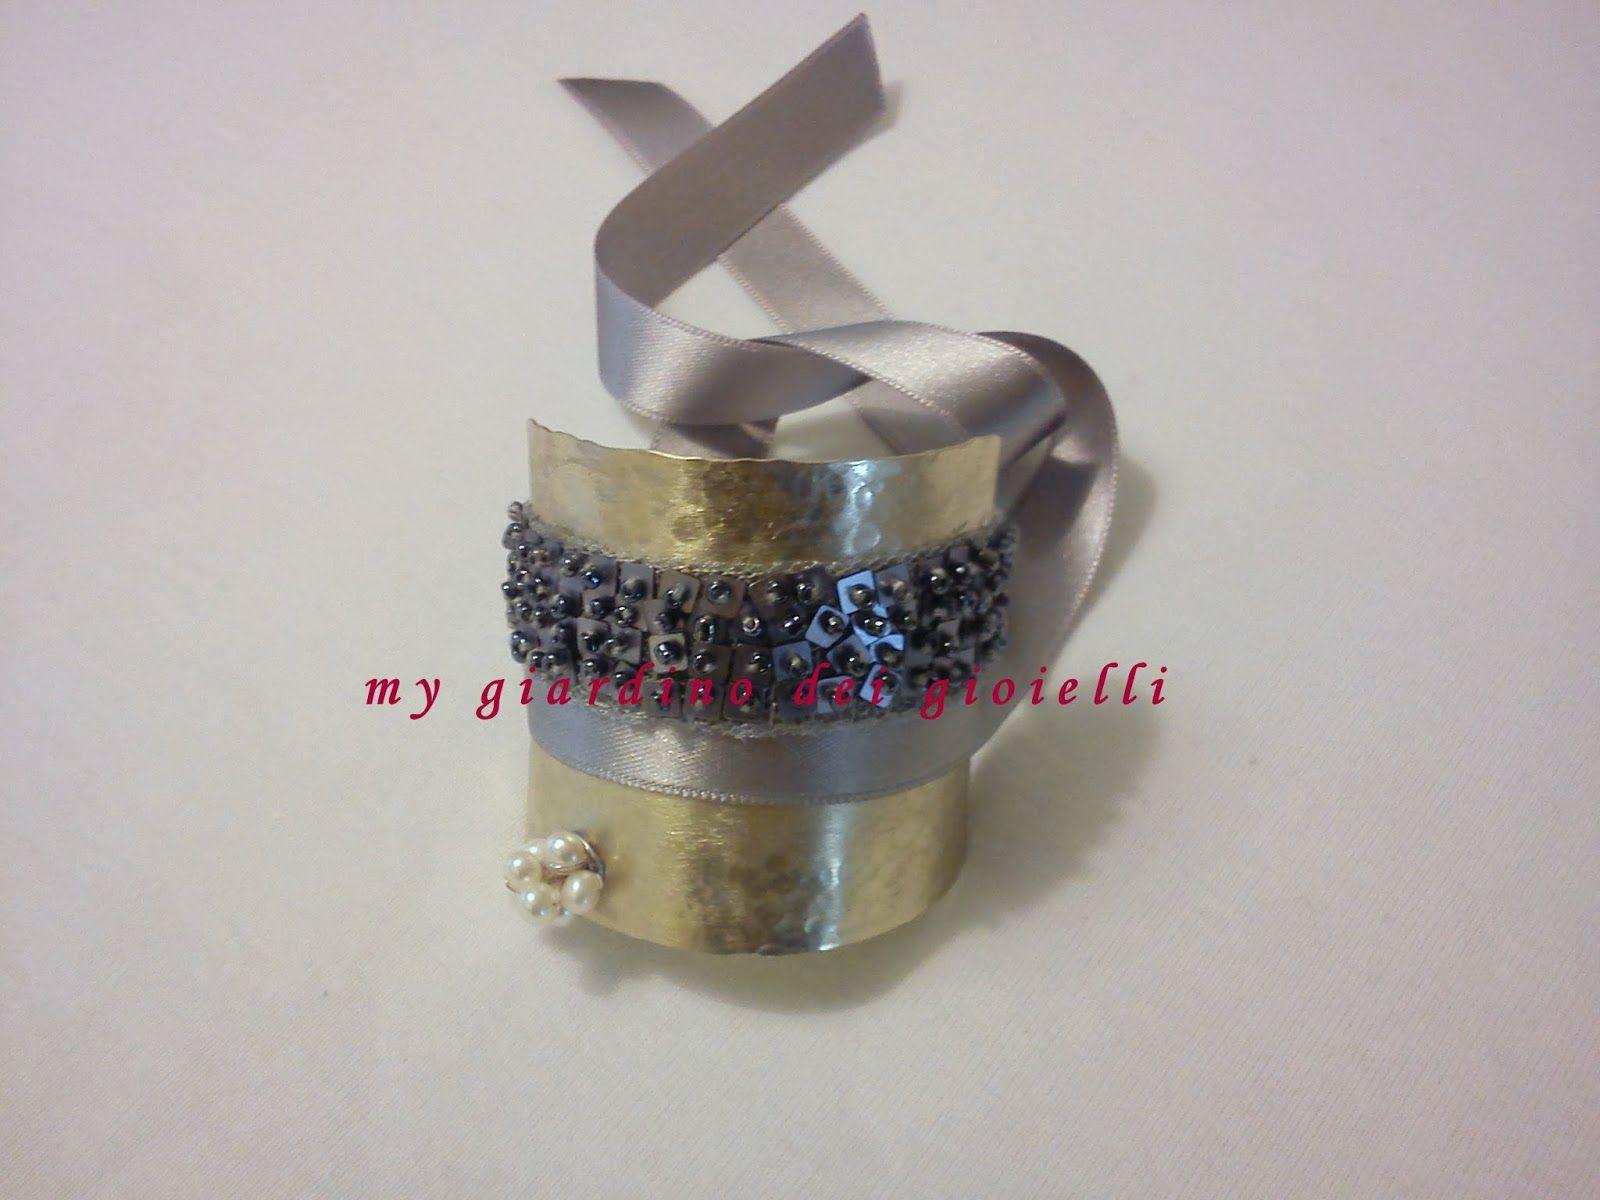 il giardino dei gioielli: wedding jewelry